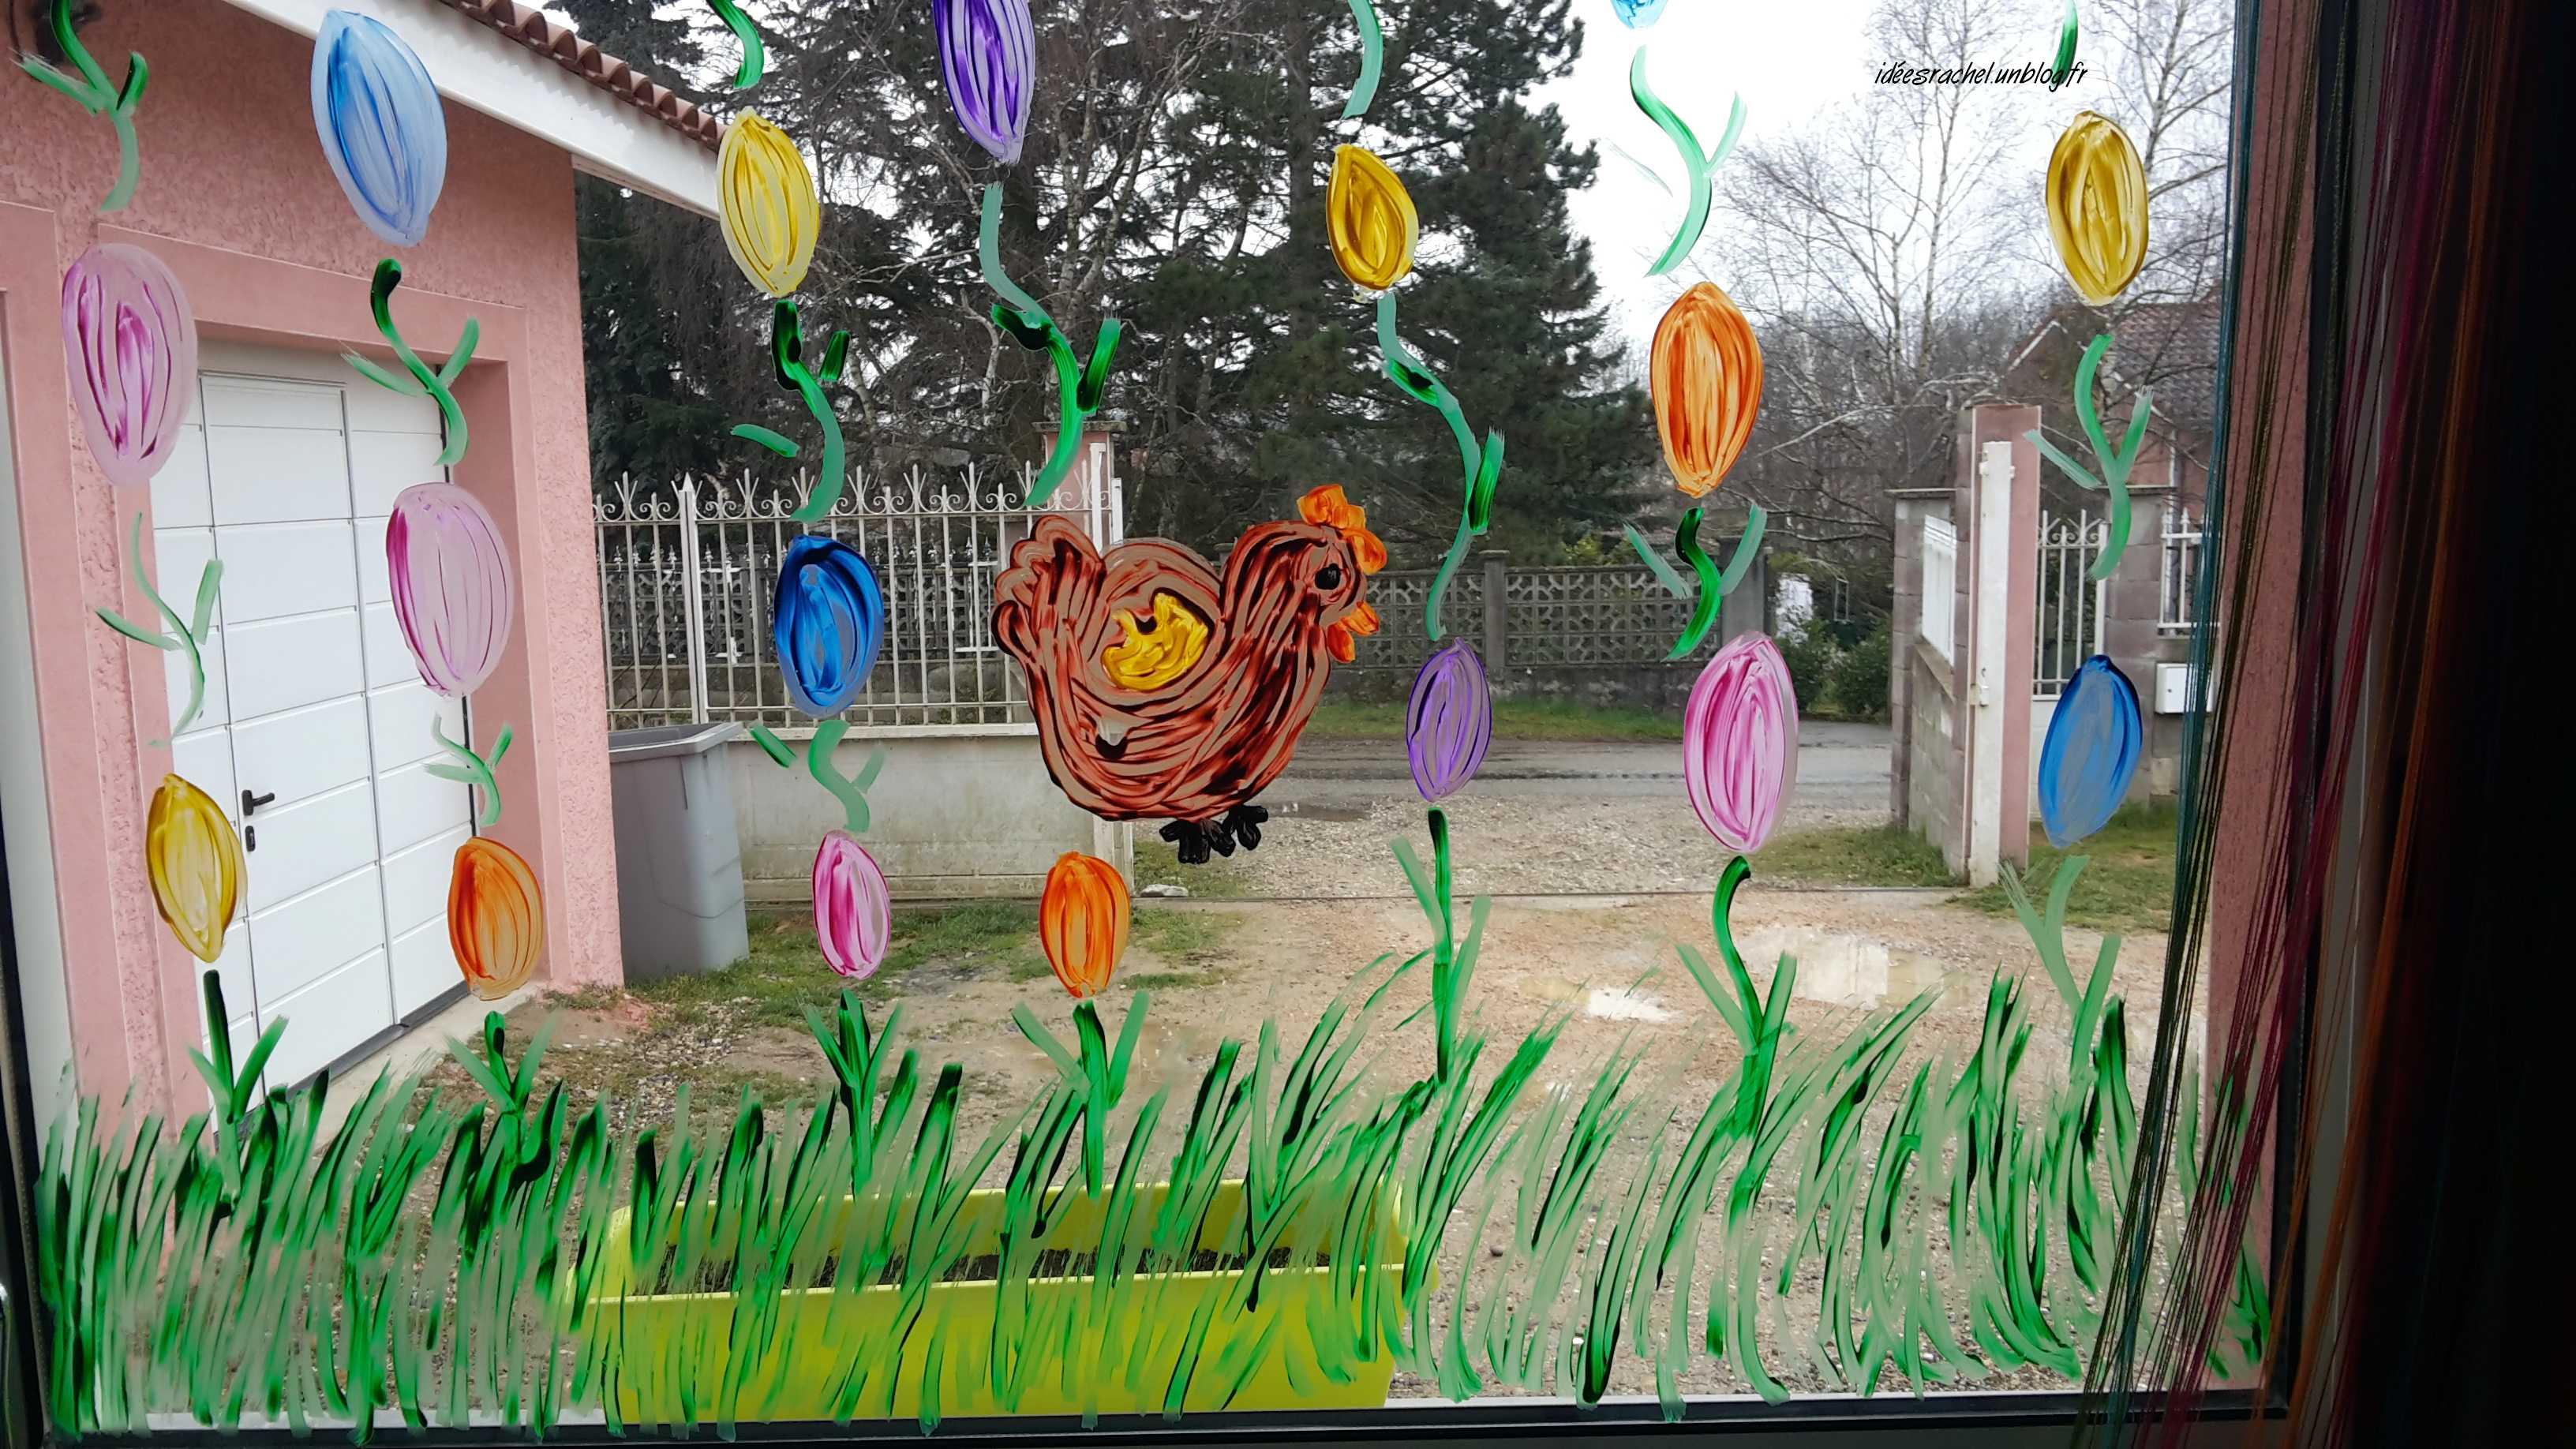 Les id es de rachel 2015 mars 23 for Decoration fenetre classe